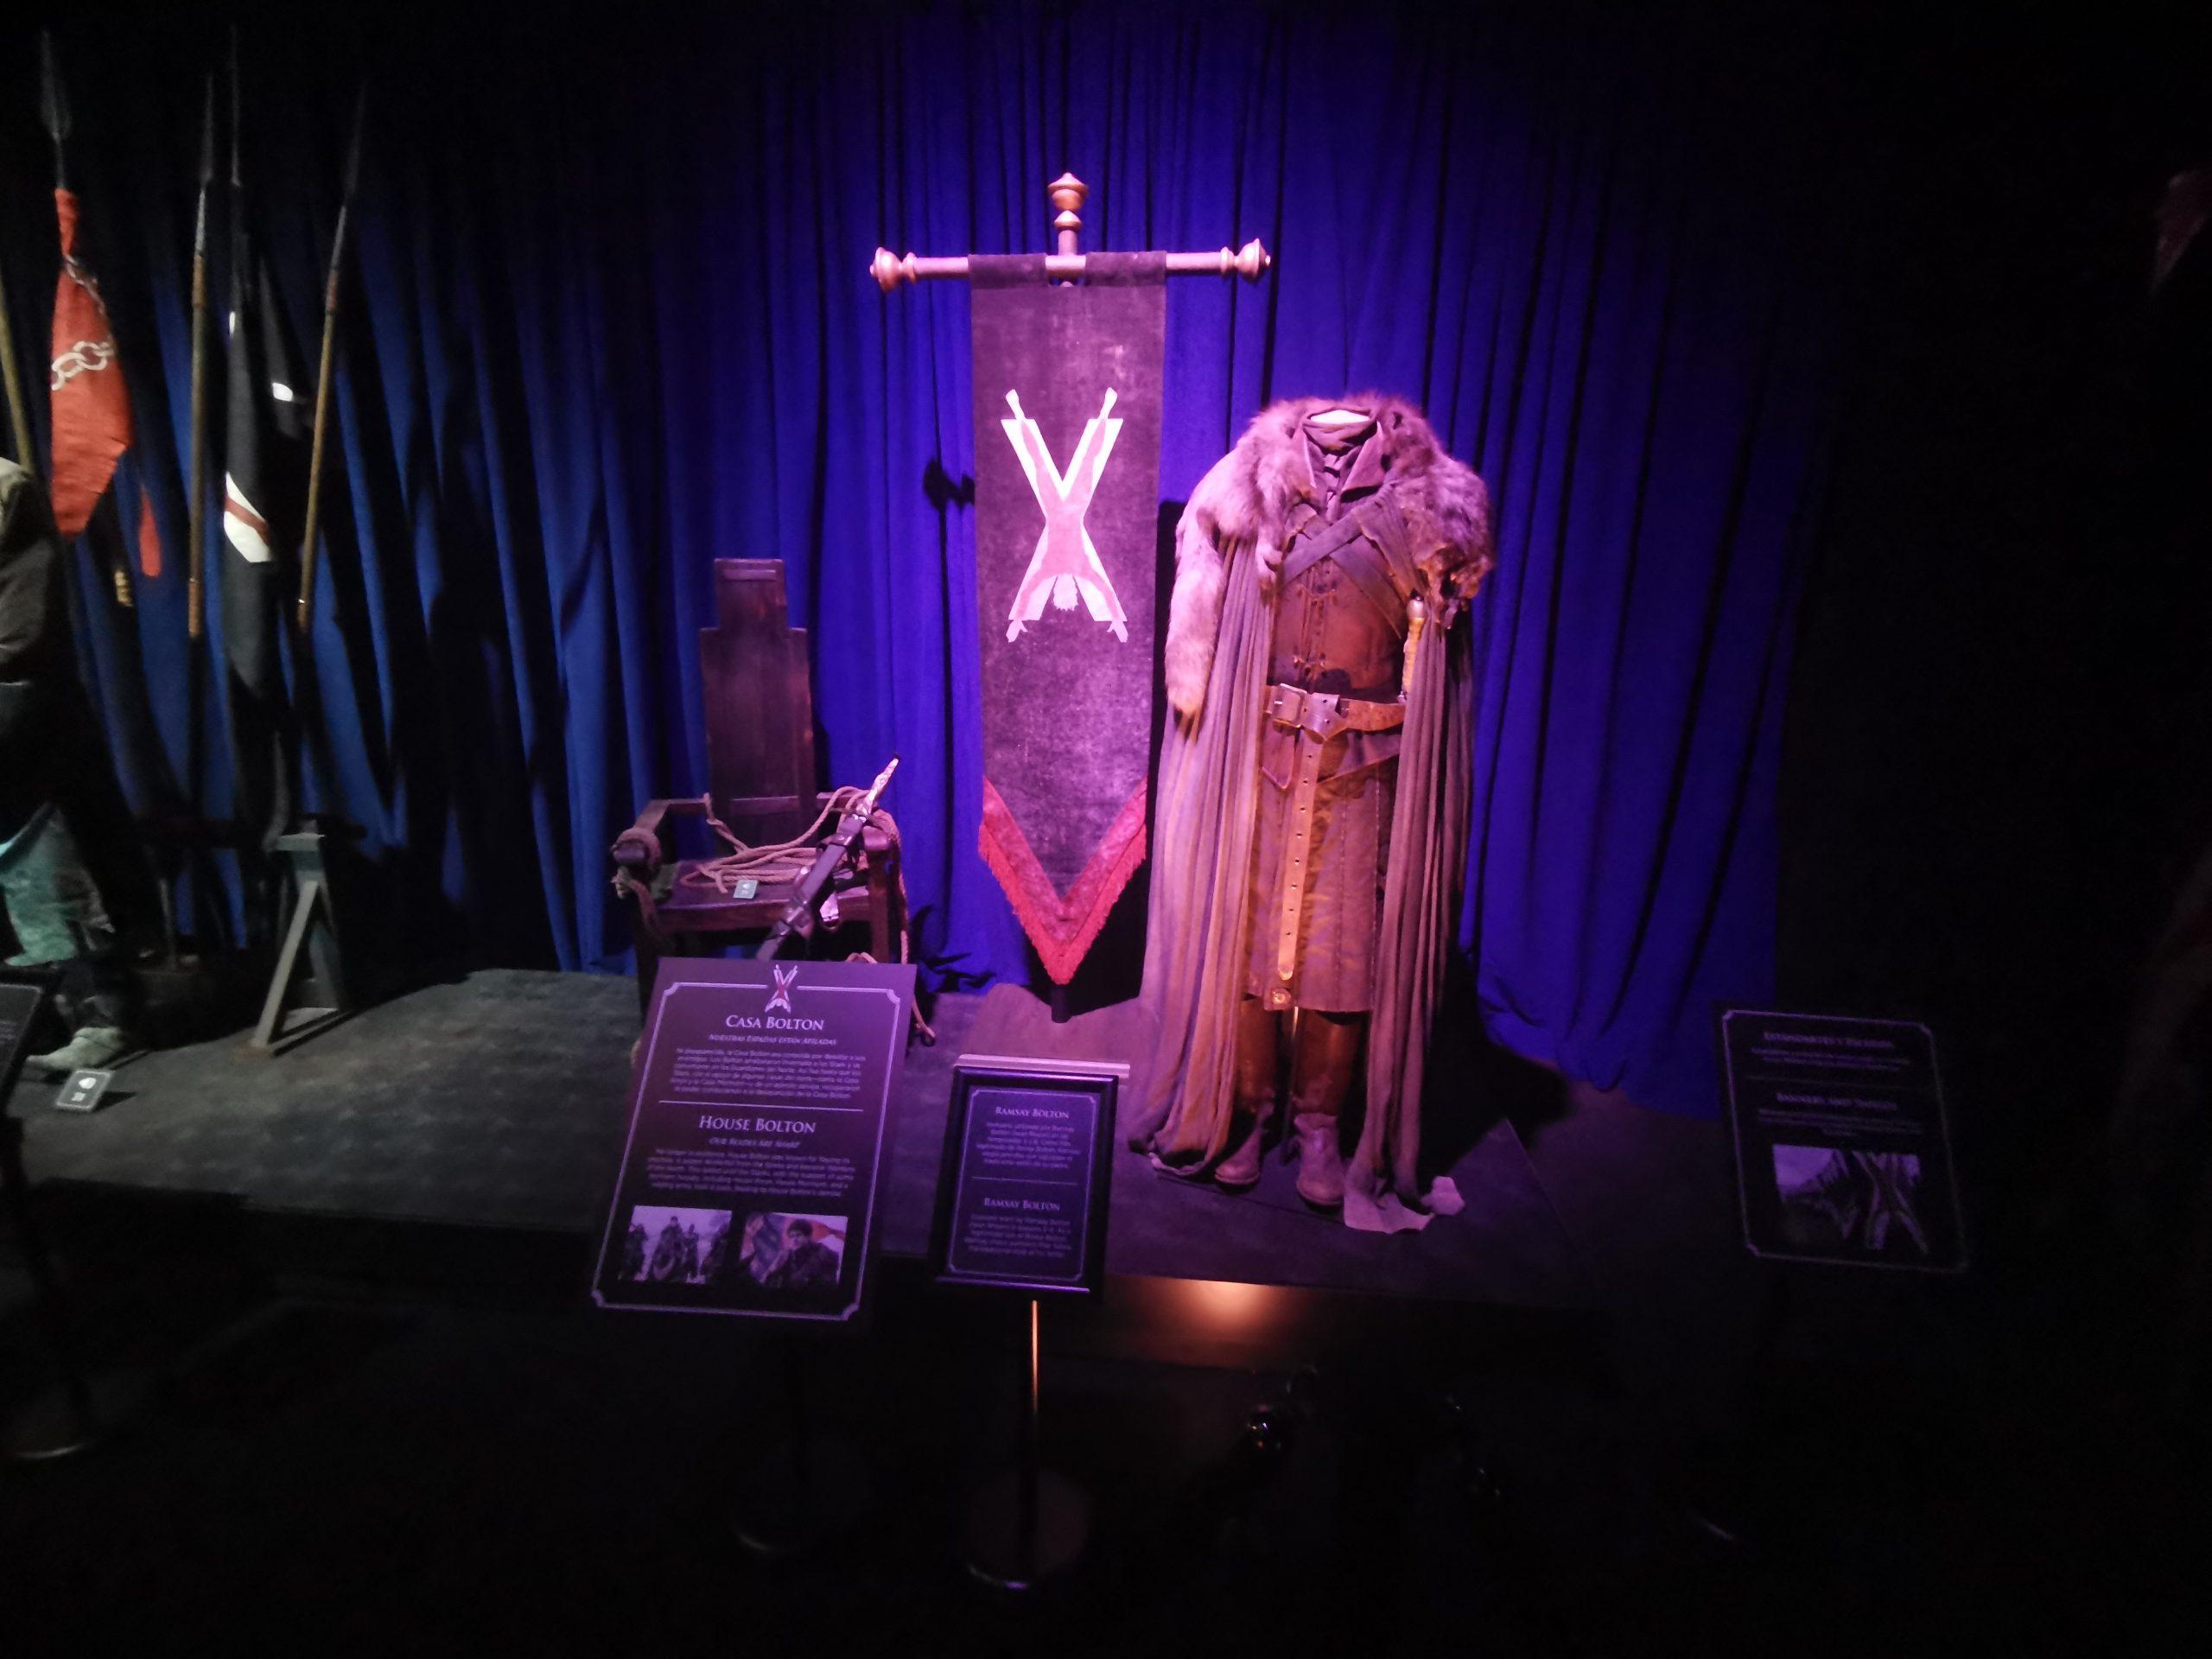 Juego de Tronos exposición oficial exposición 11